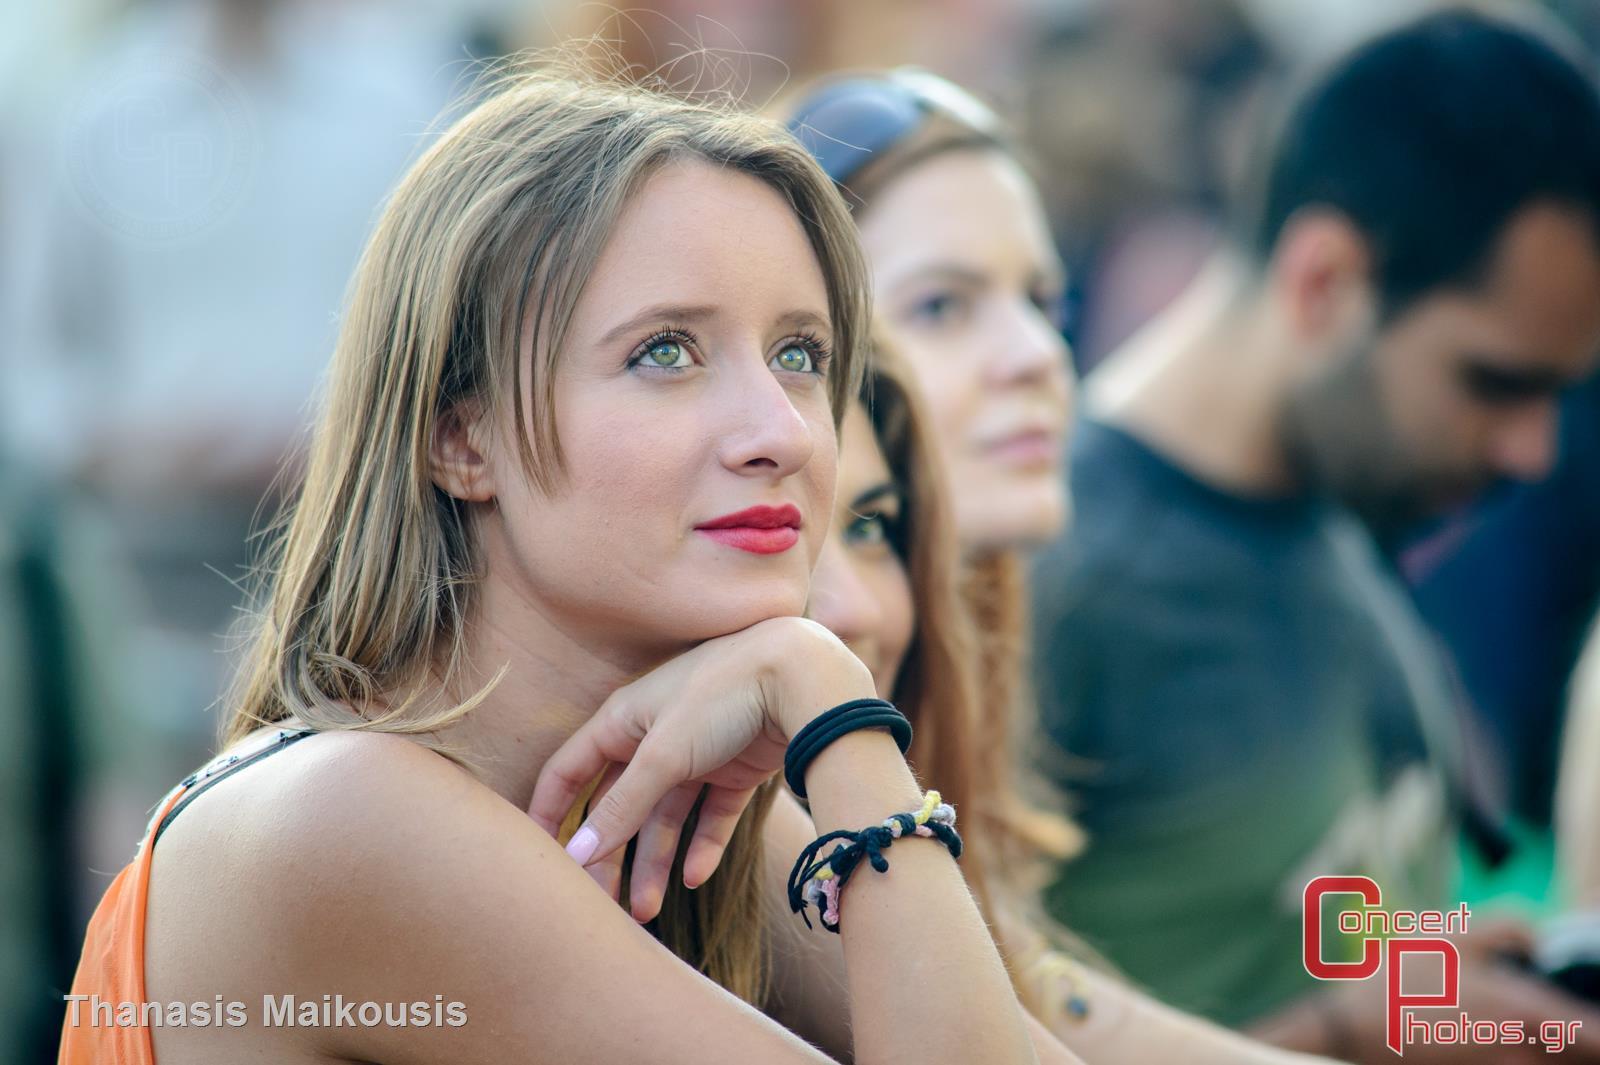 En Lefko 2014-En Lefko 2014 photographer: Thanasis Maikousis - concertphotos_20140621_20_11_07